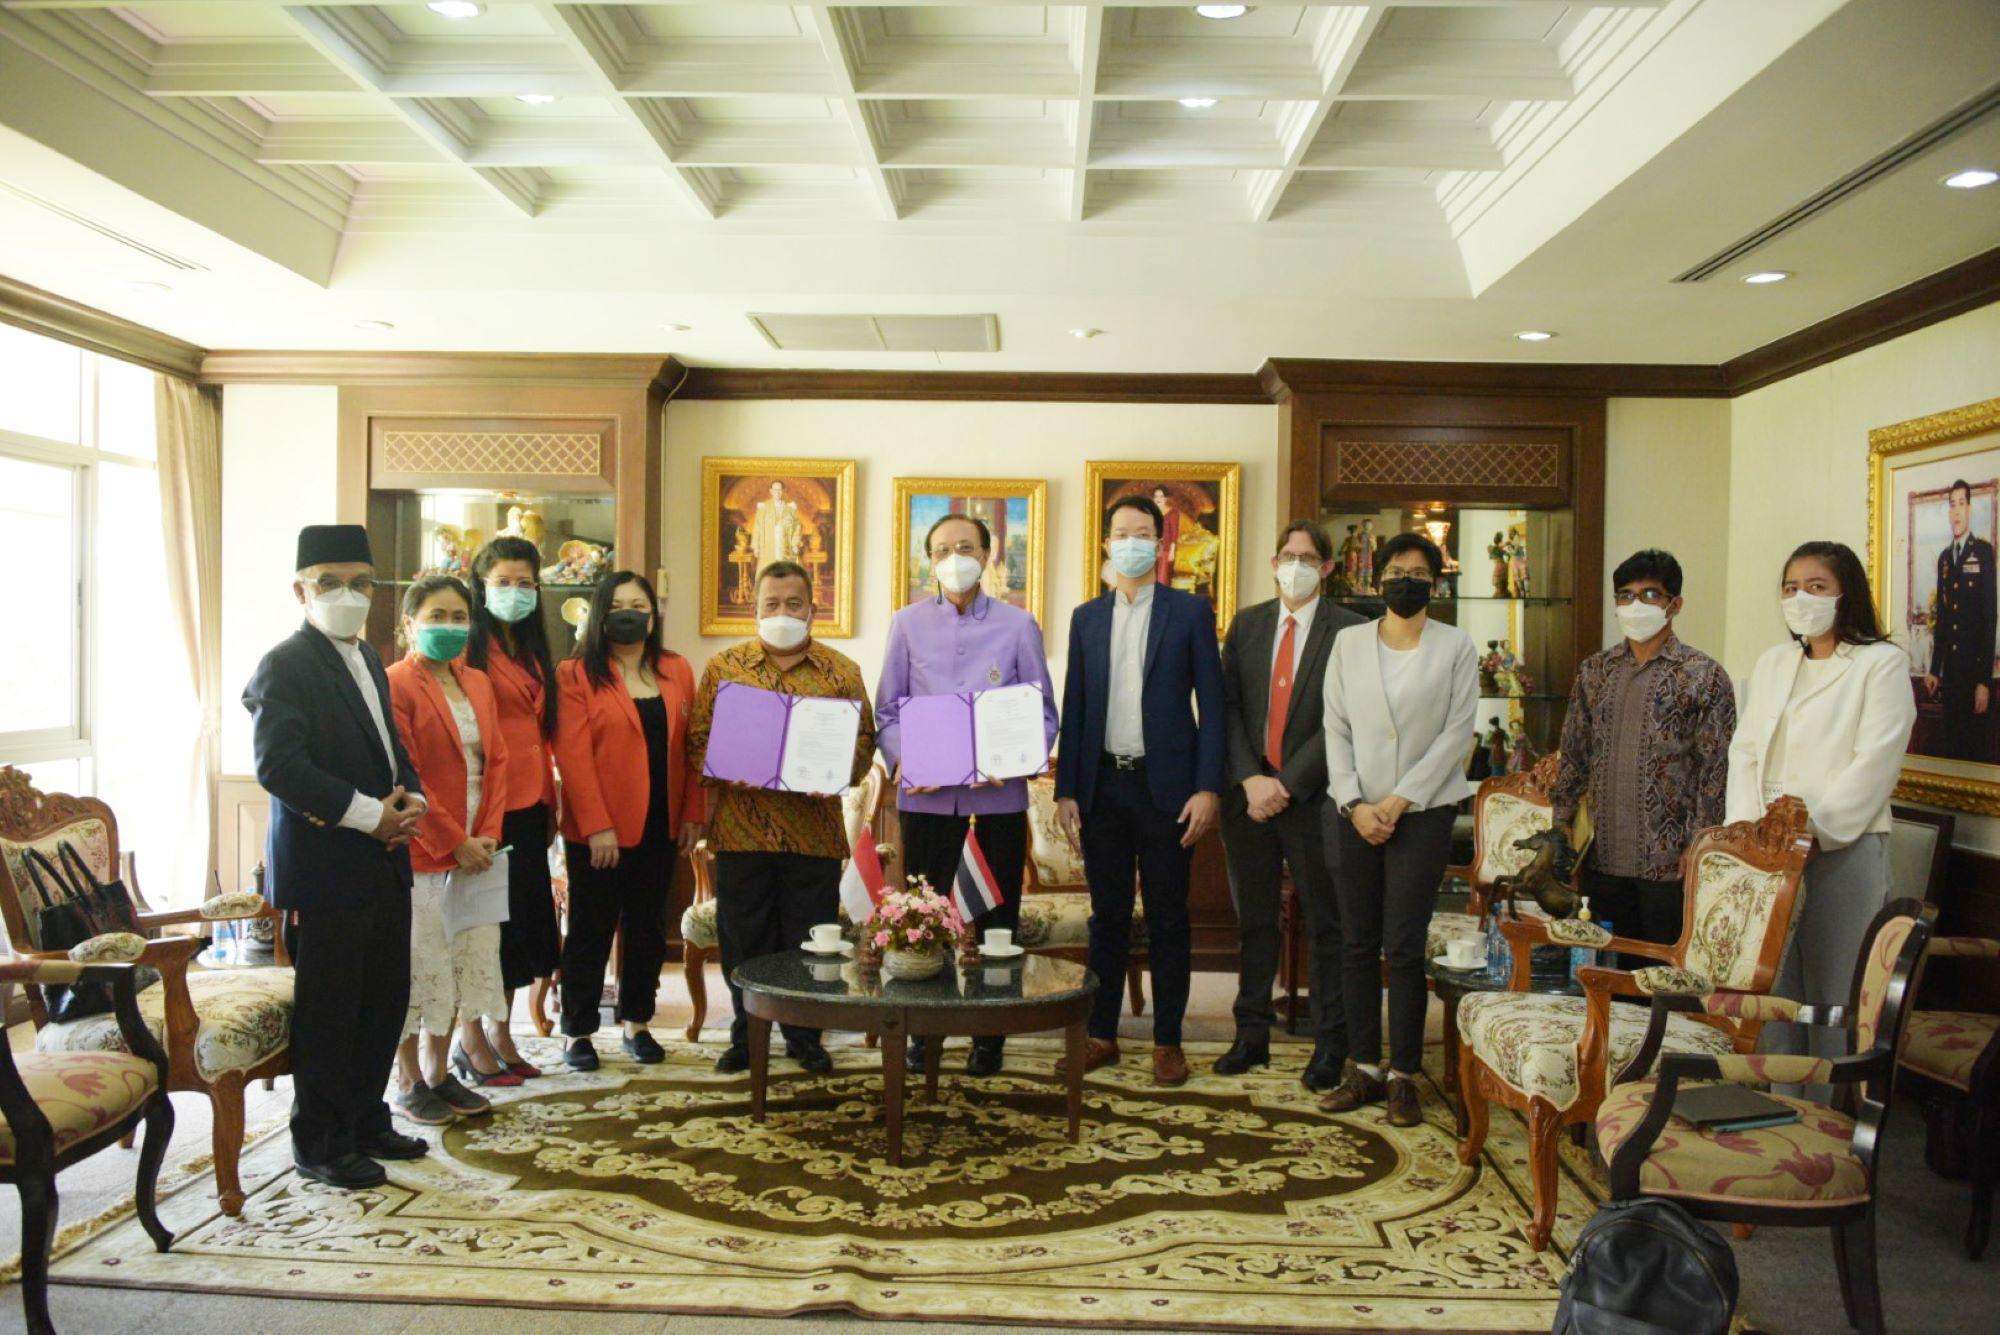 นายแฟคลี สุไลมาน กงสุลอินโดนีเซียประจำจังหวัดสงขลาเข้าเยี่ยมคารวะอธิการบดีมหาวิทยาลัยวลัยลักษณ์